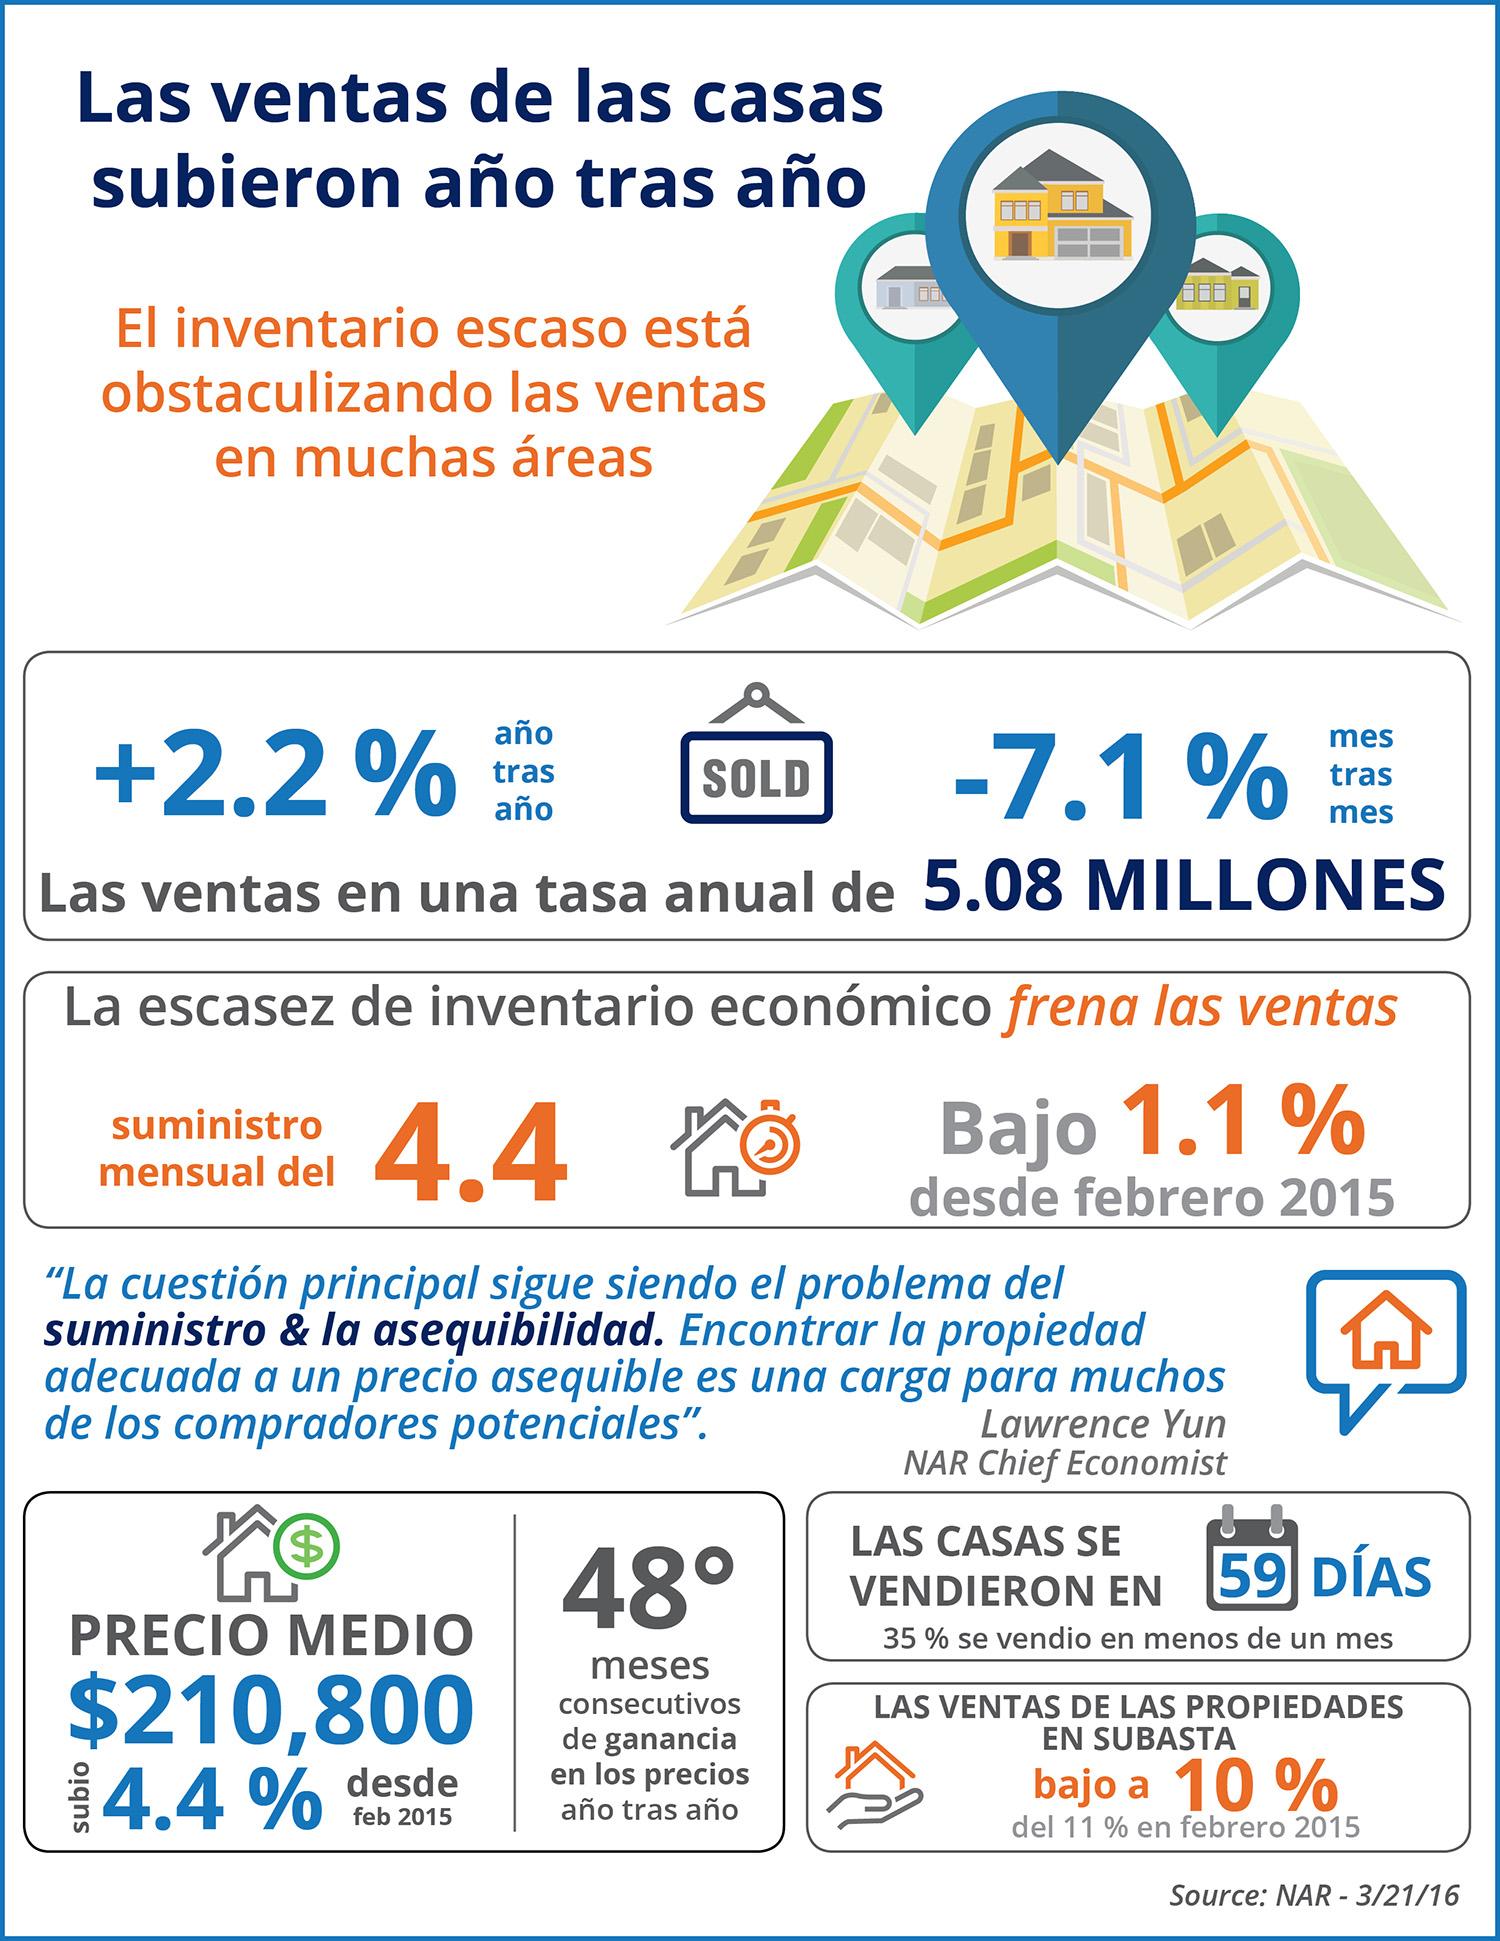 Las ventas de las casas subieron año tras año | Simplifying The Market